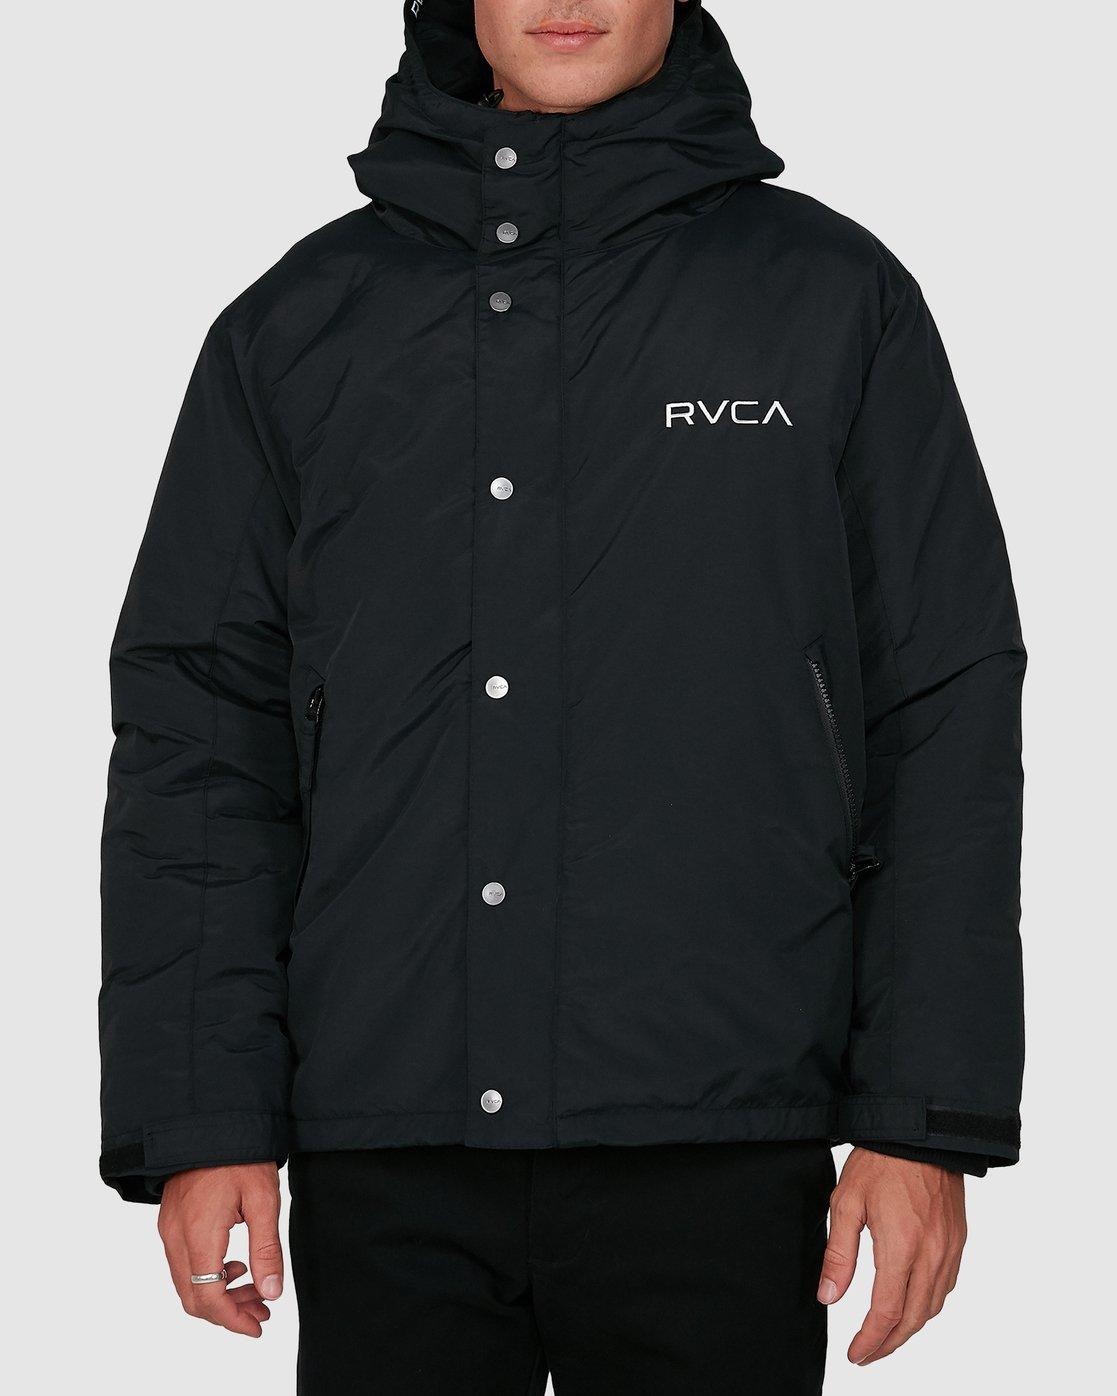 0 Rvca Puffa Jacket Black R391433 RVCA